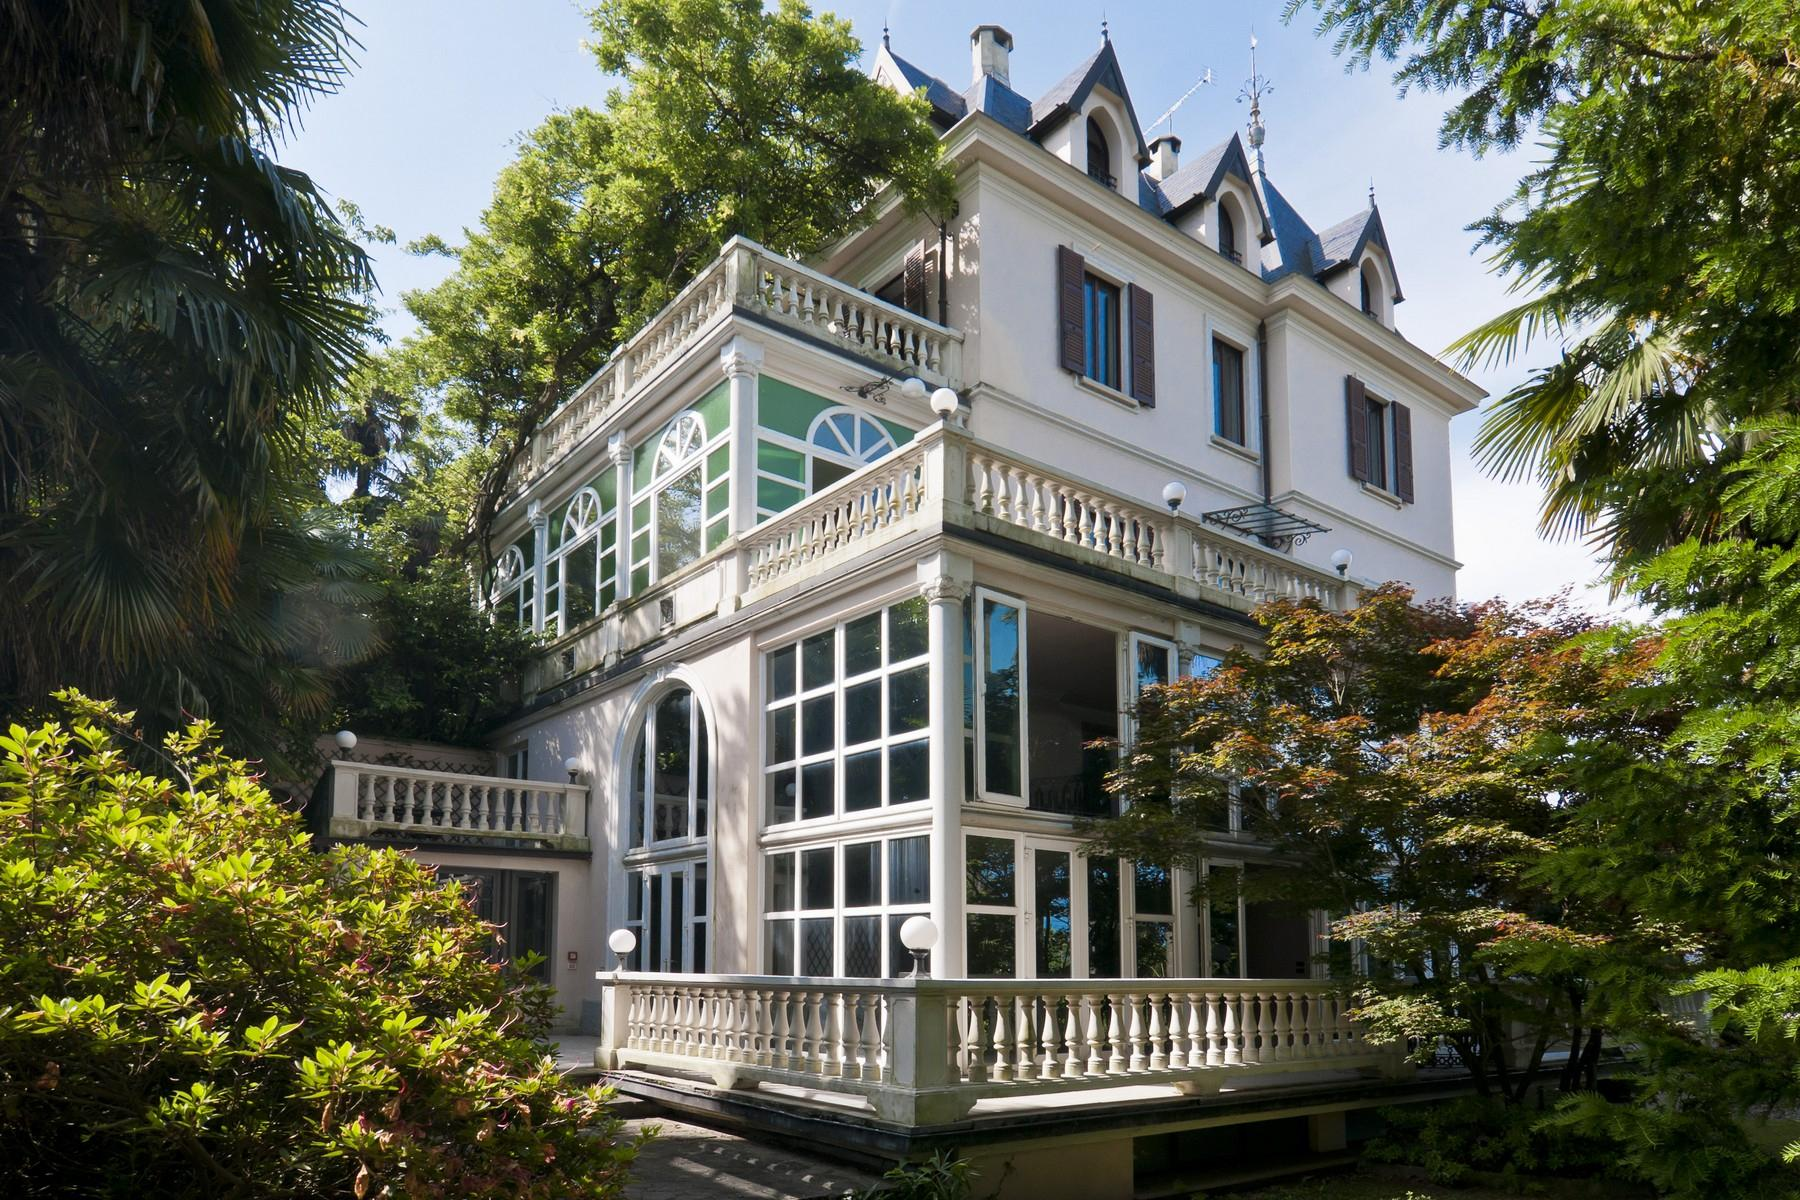 Sumptuous villa on lake Maggiore - 4